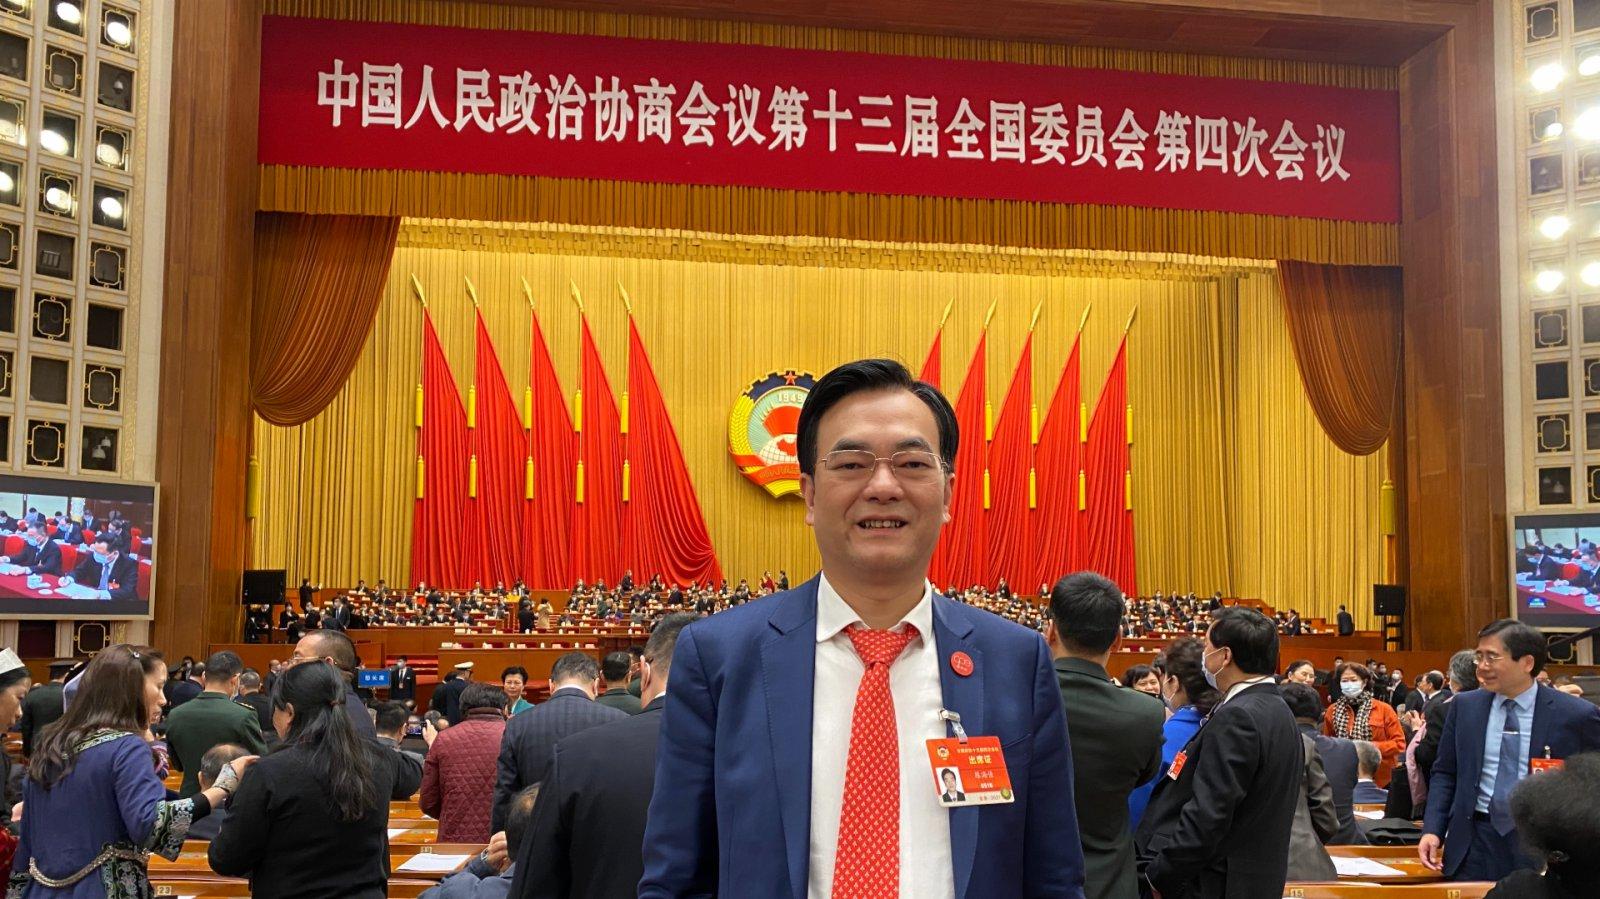 全國政協委員陳海佳:加快法律法規銜接 破除灣區科技成果轉化障礙